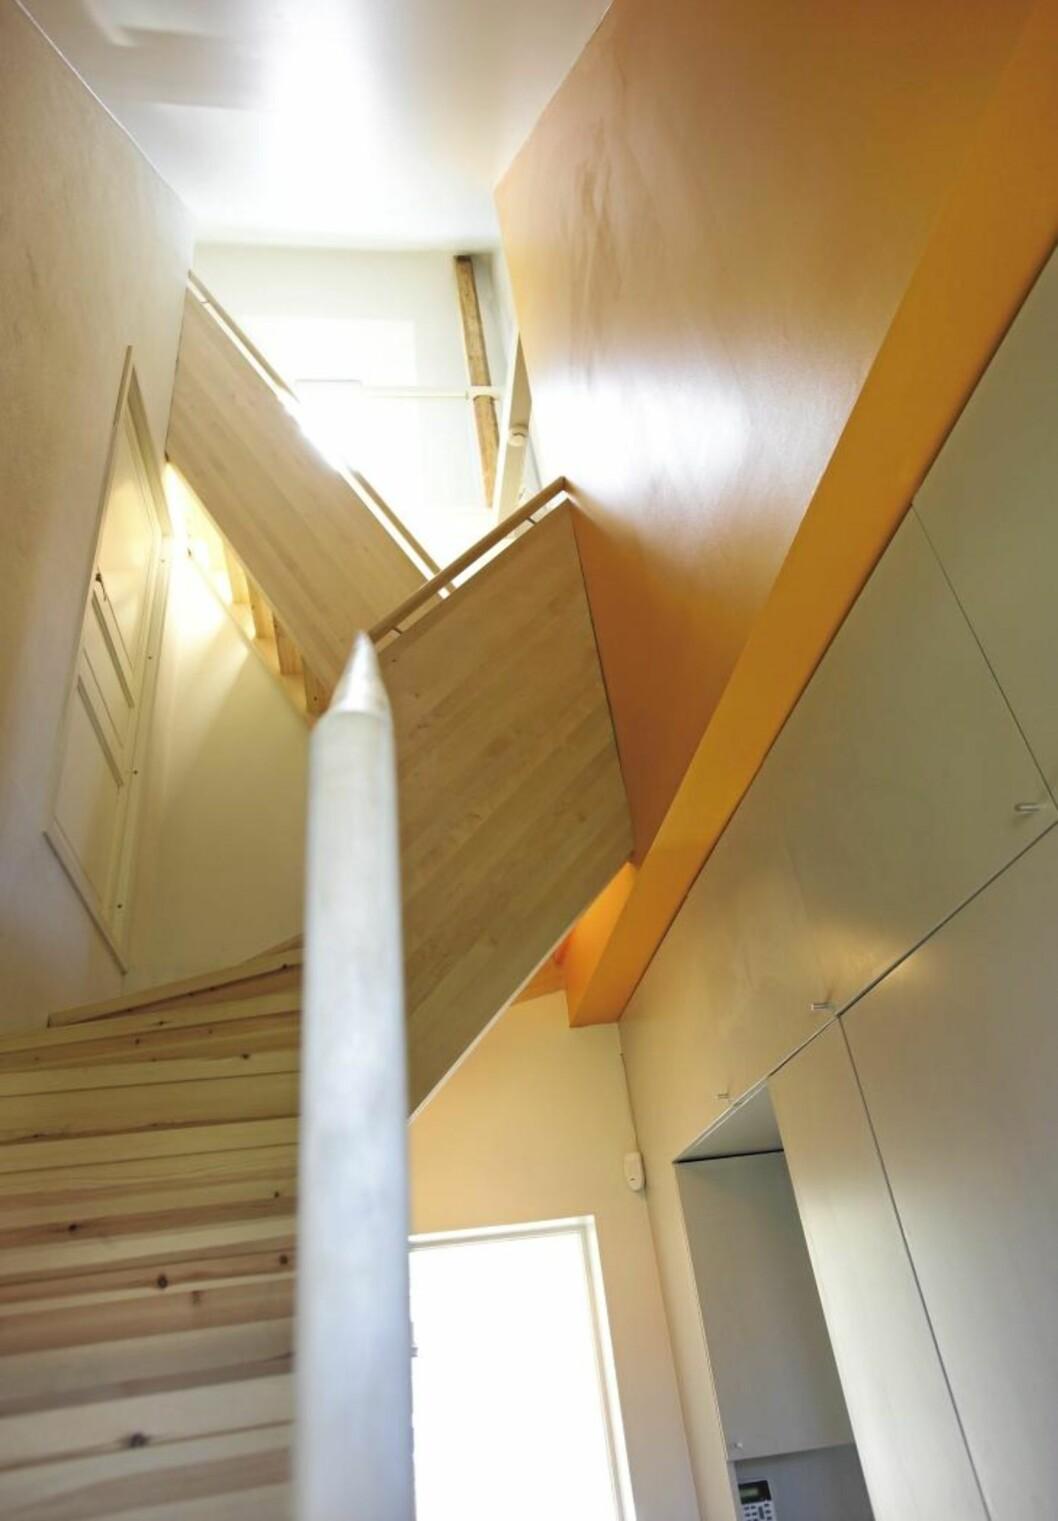 HIMMELHØYTt. Trappen står som et ni meter høyt skulpturelt volum. Den snor seg som en slange, flere ganger i den smale sonen mot det tilgensende huset.  Foto: Espen Grønli